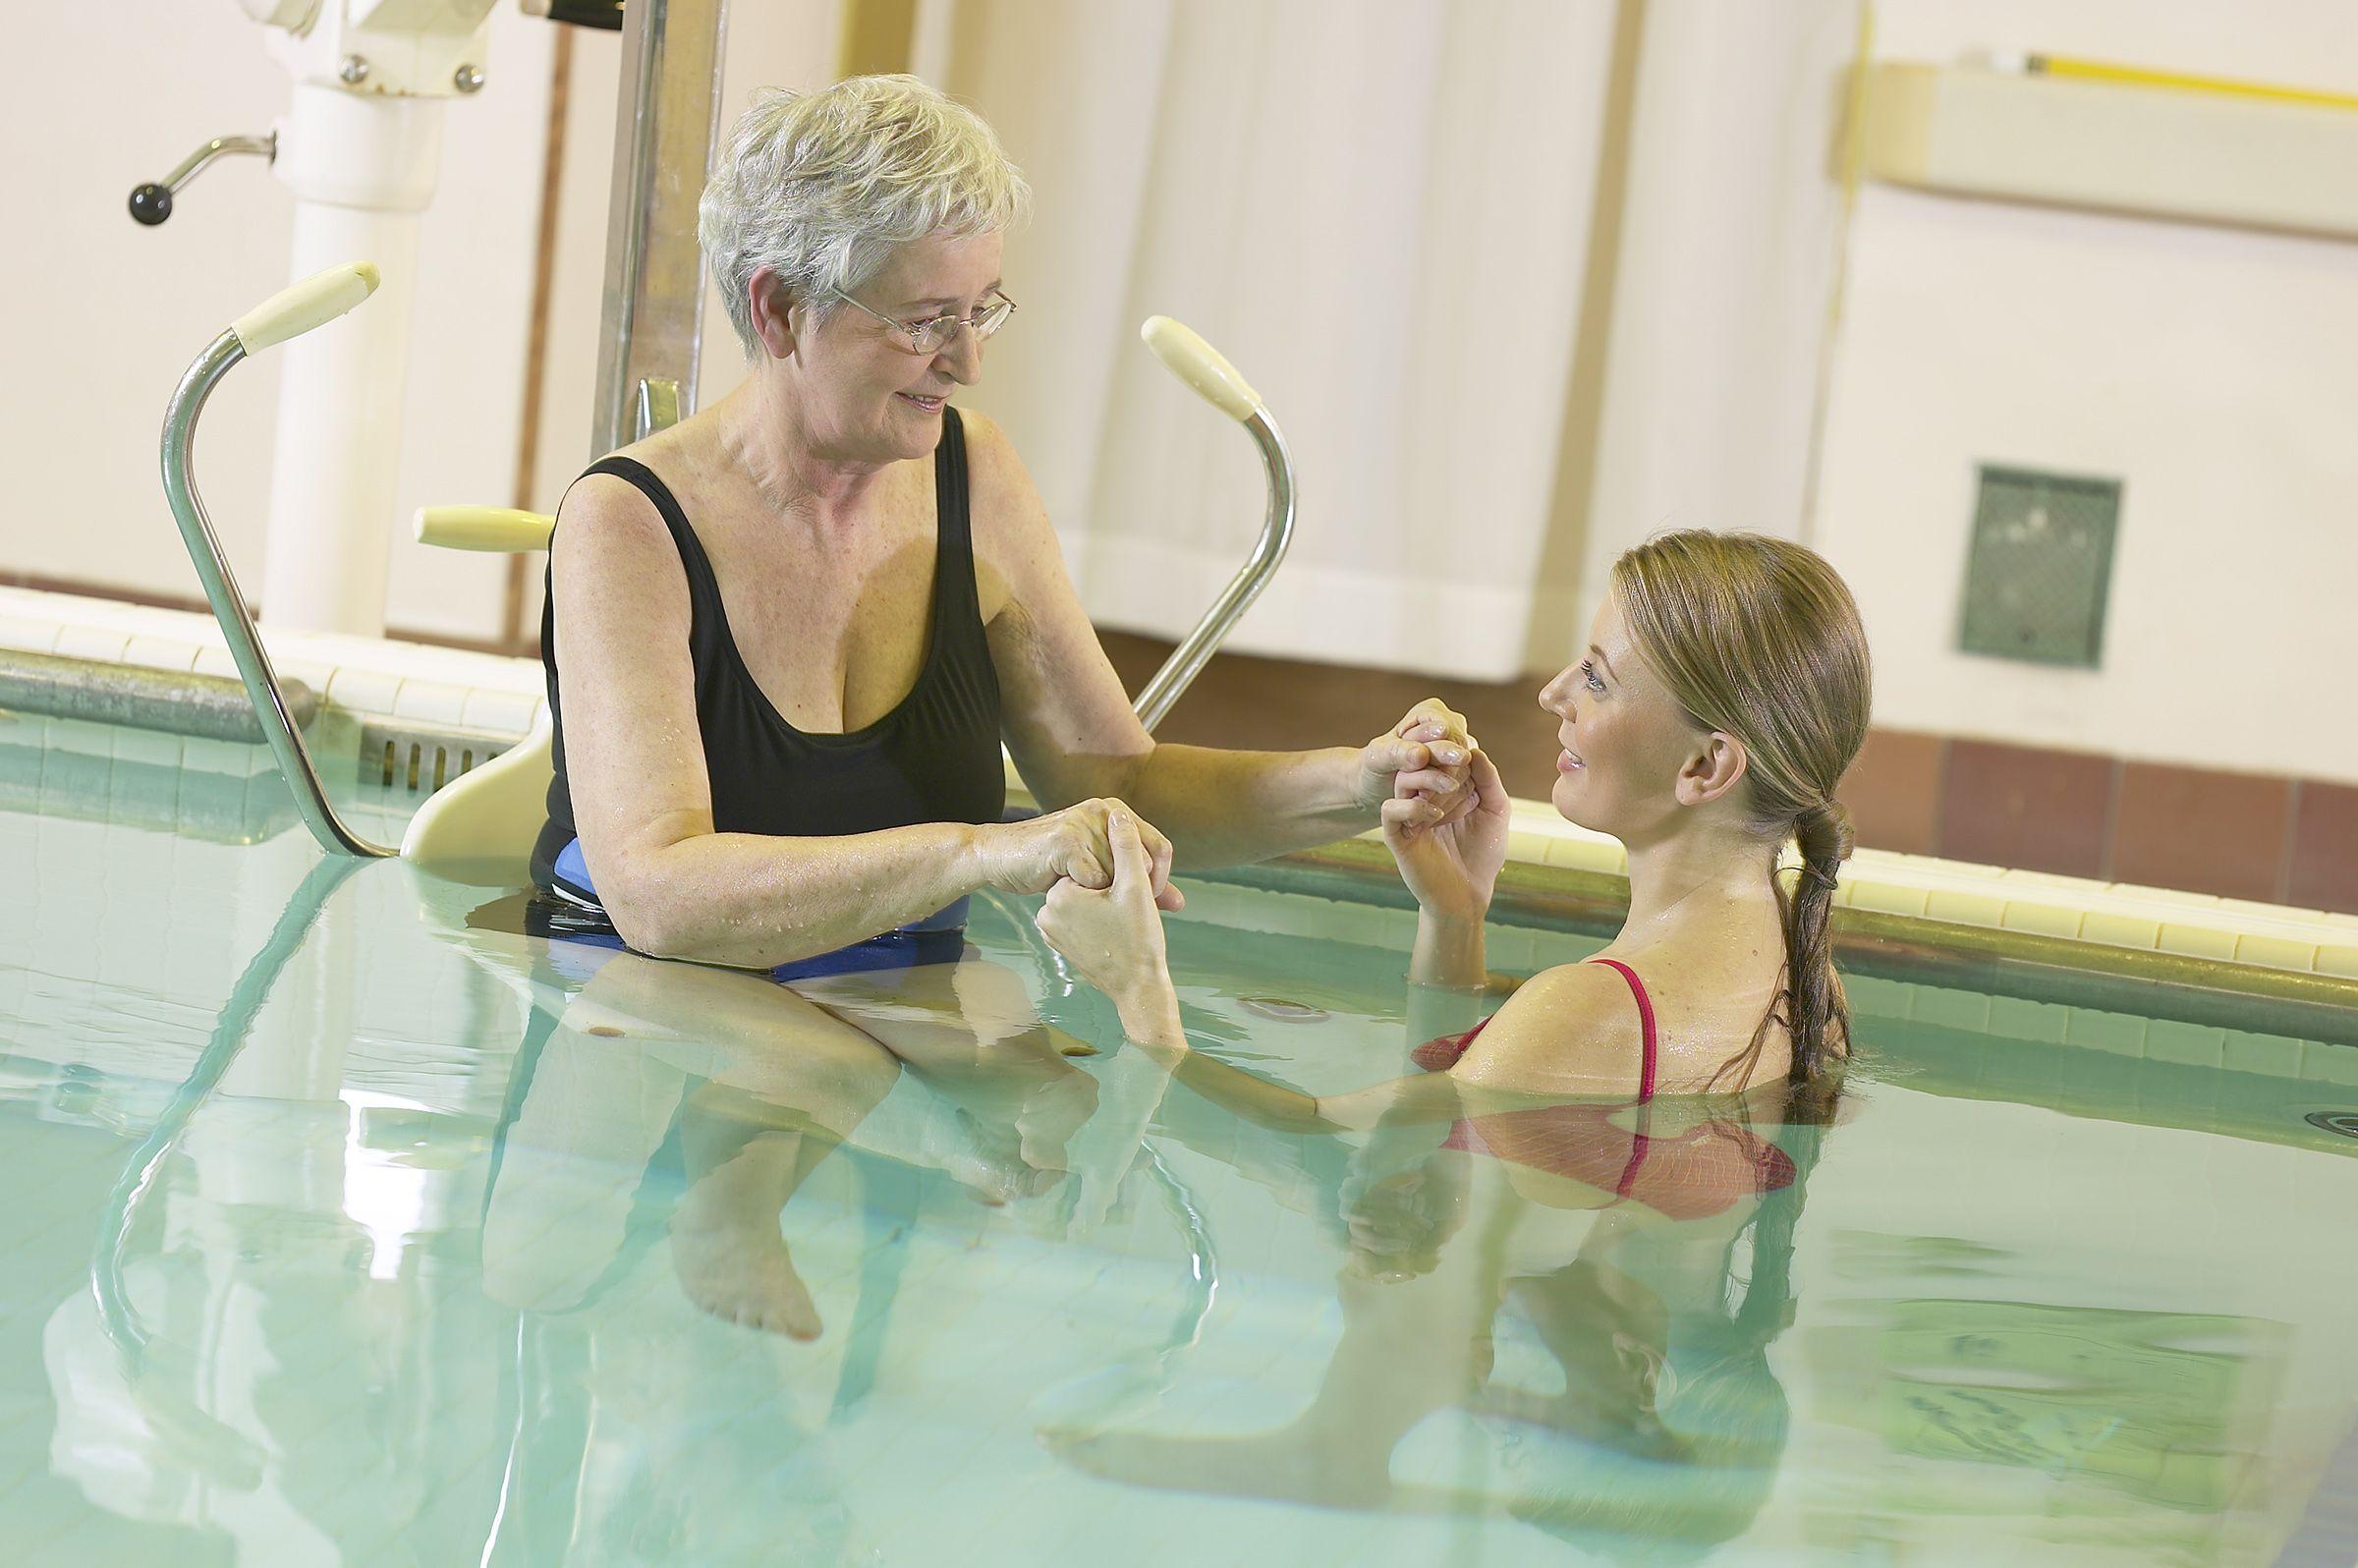 Szénsavas fürdők magas vérnyomás ellen - Magas vérnyomás és fitnesz